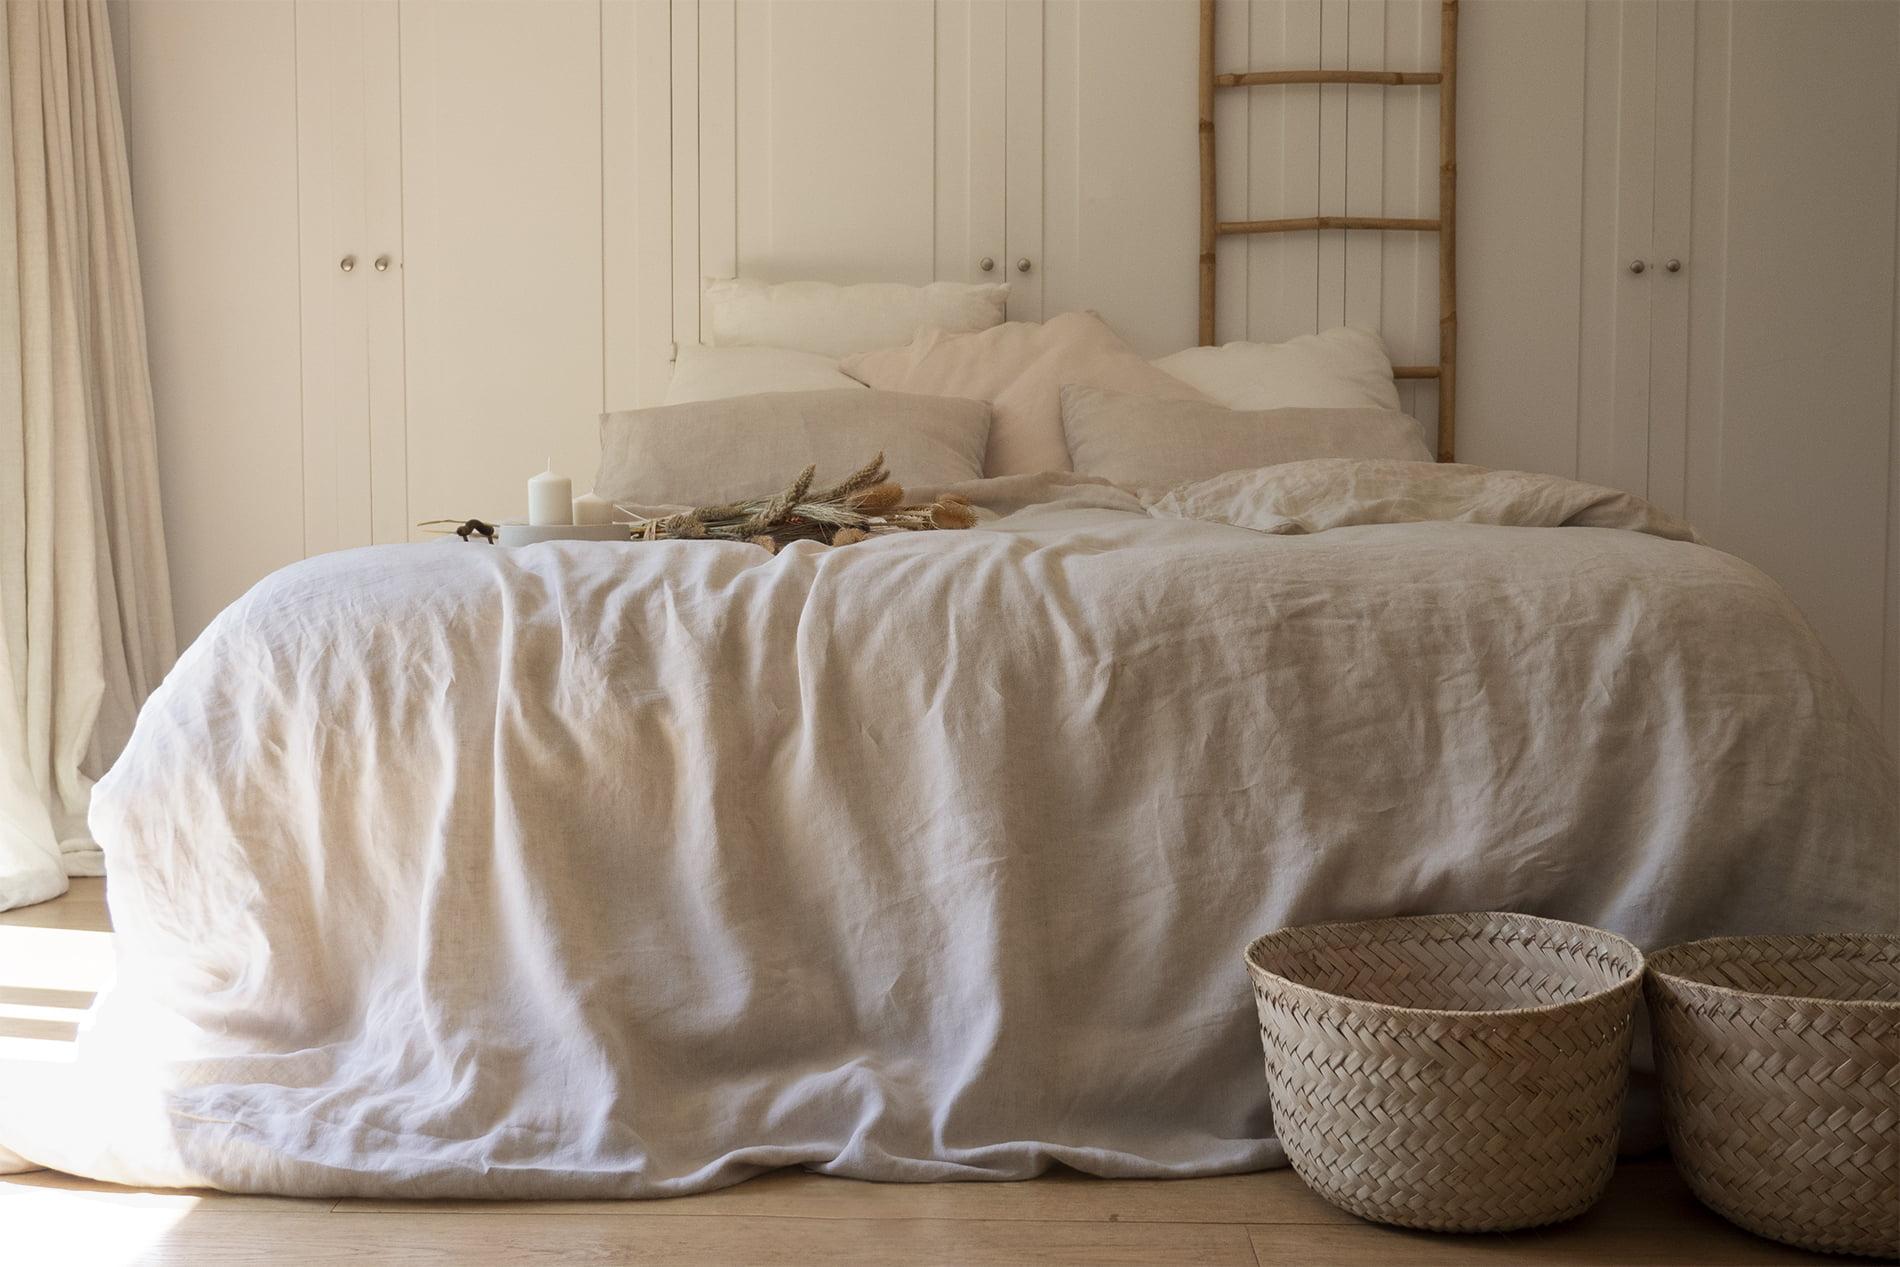 FICELLE - Parure de lit en lin lavé couleur naturelle 240x220 cm